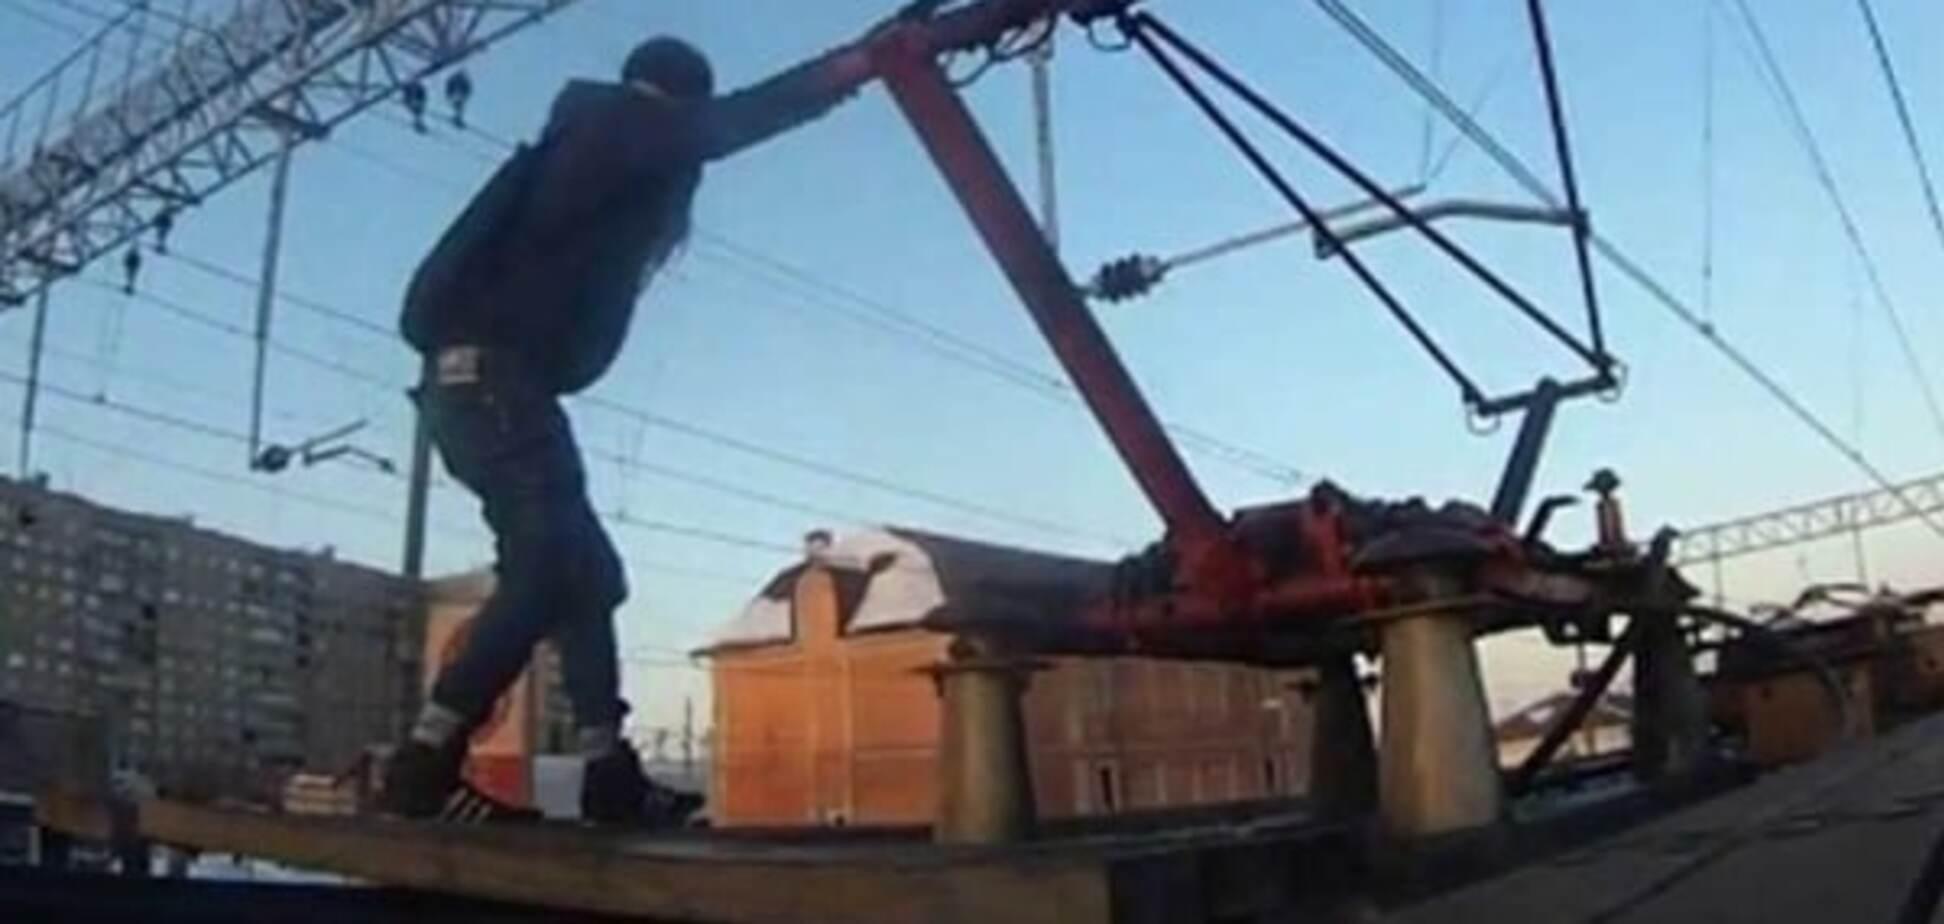 ЧП в Киеве: парня ударило током на крыше электрички